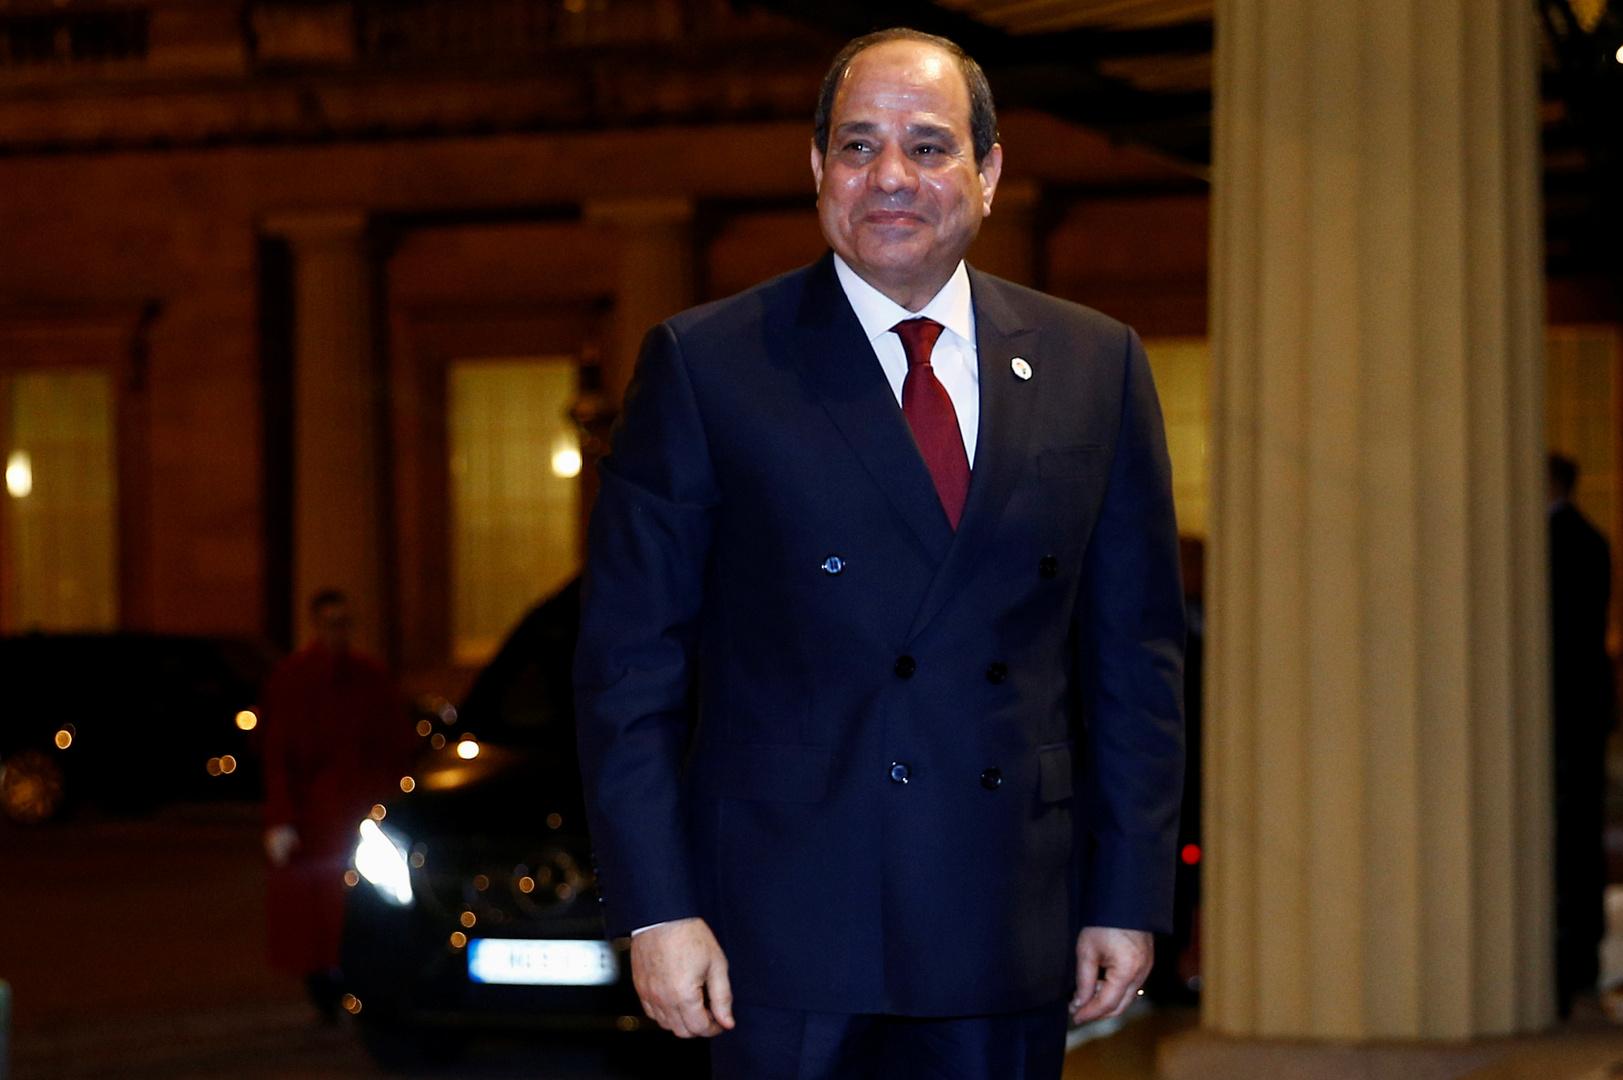 السيسي: استقرار ليبيا من محددات الأمن القومي المصري ولن نتهاون مع الجماعات الإرهابية والداعمين لها